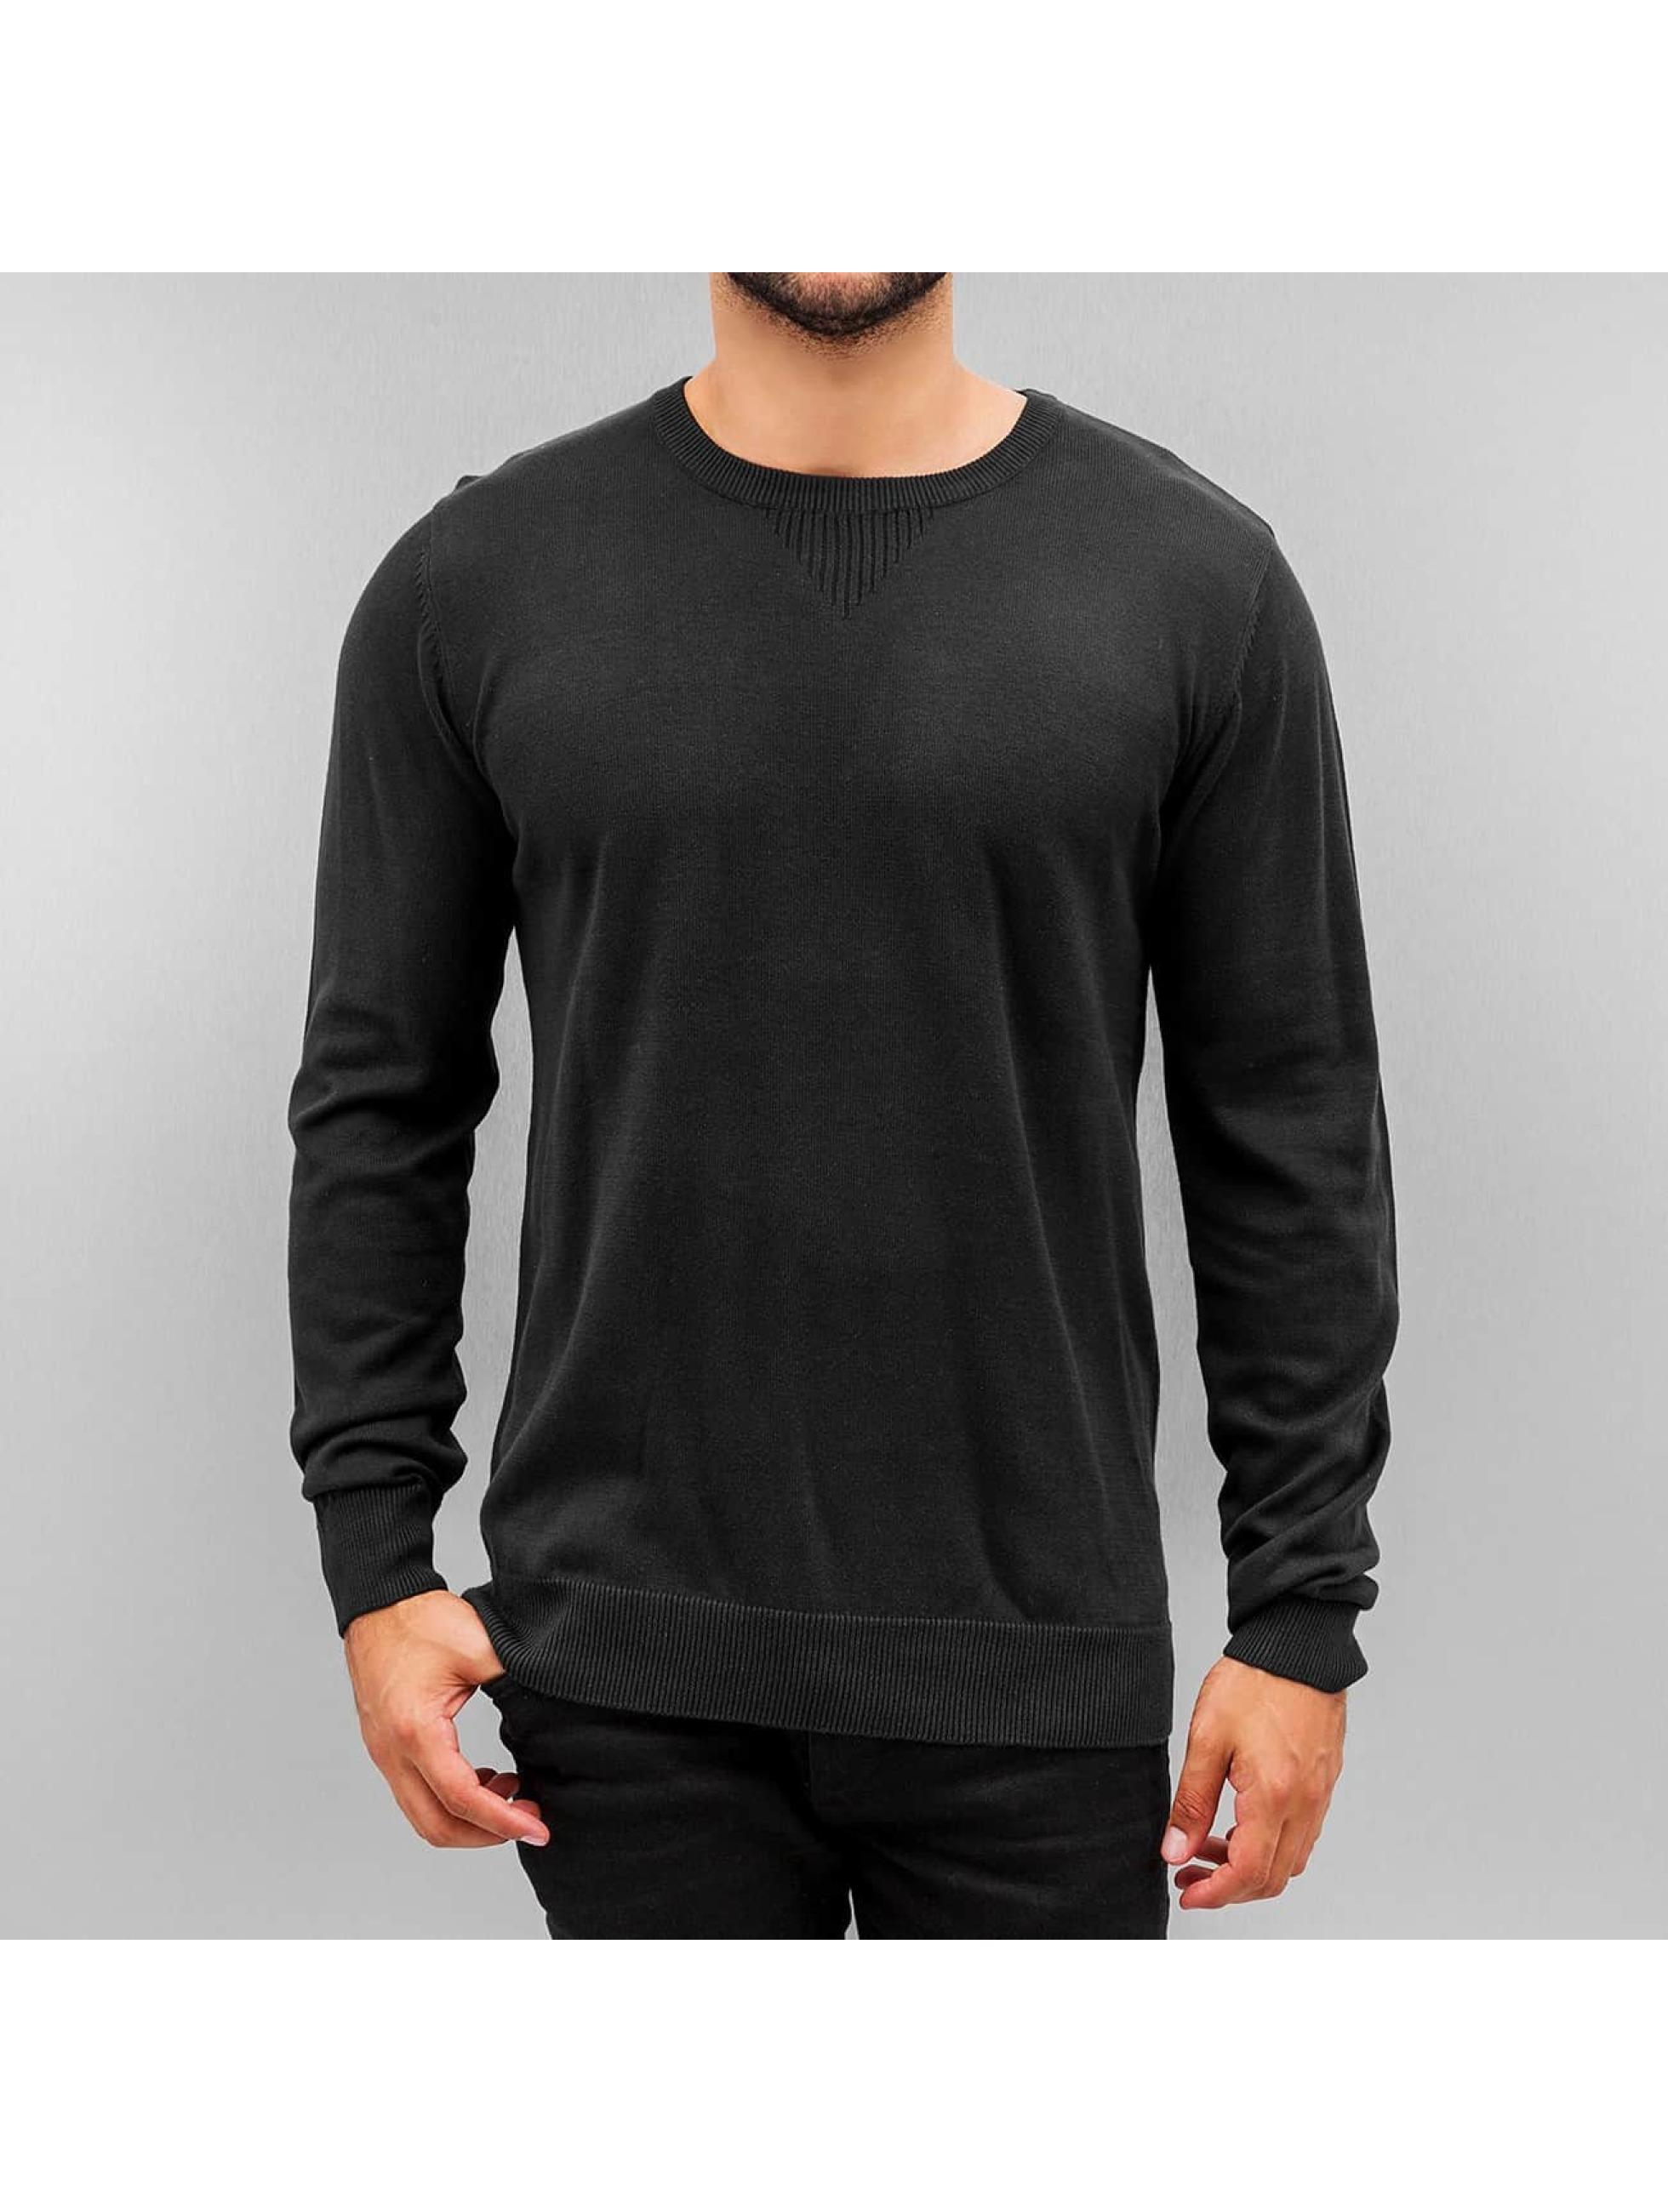 SHINE Original Пуловер Basic черный